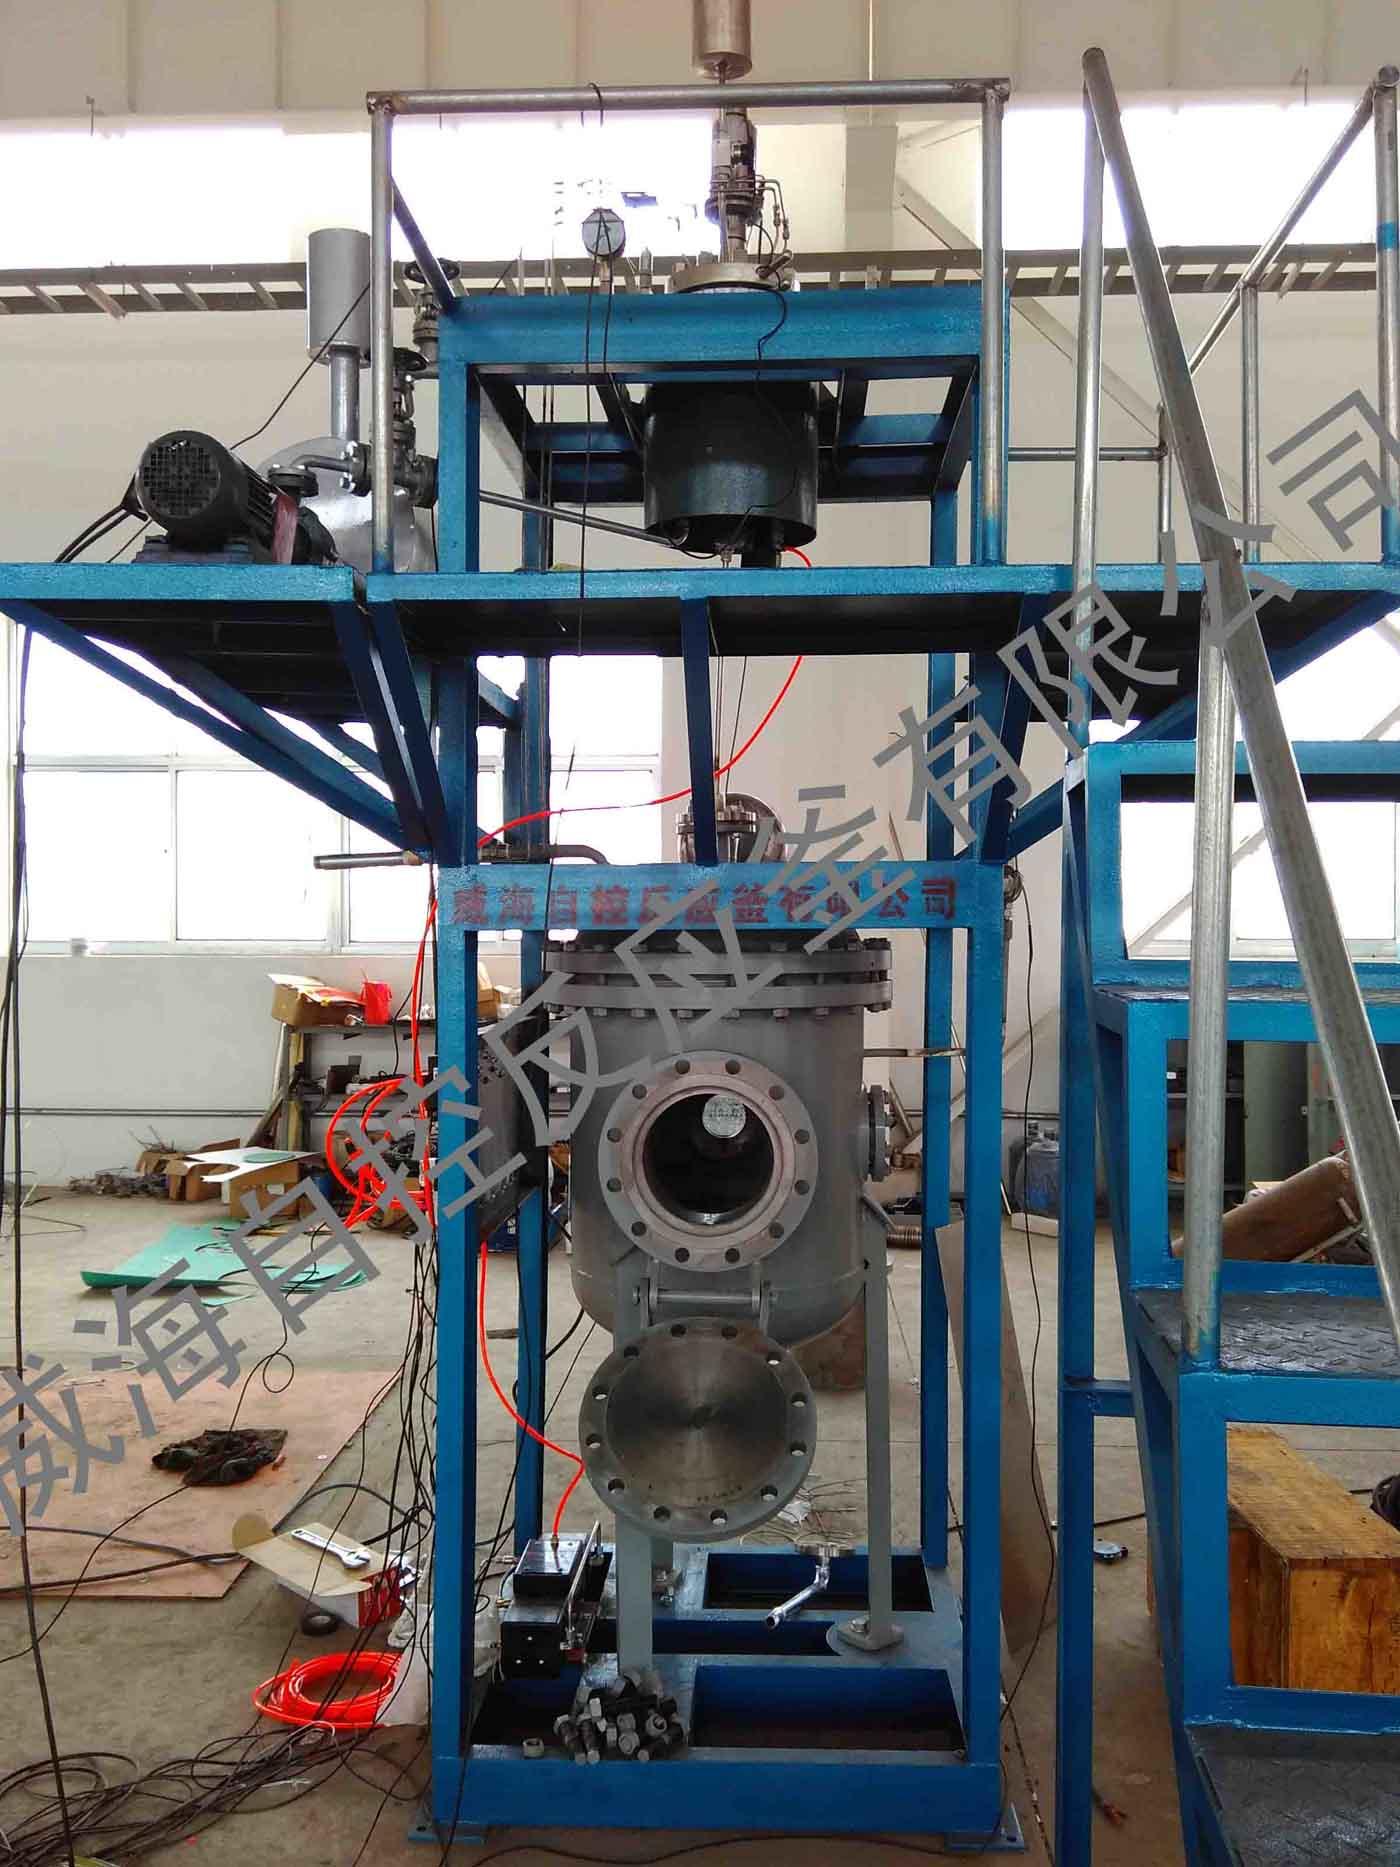 發泡高壓釜PP-專業可靠的二氧化碳發泡高壓反應釜裝置,威海自控反應釜傾力推薦